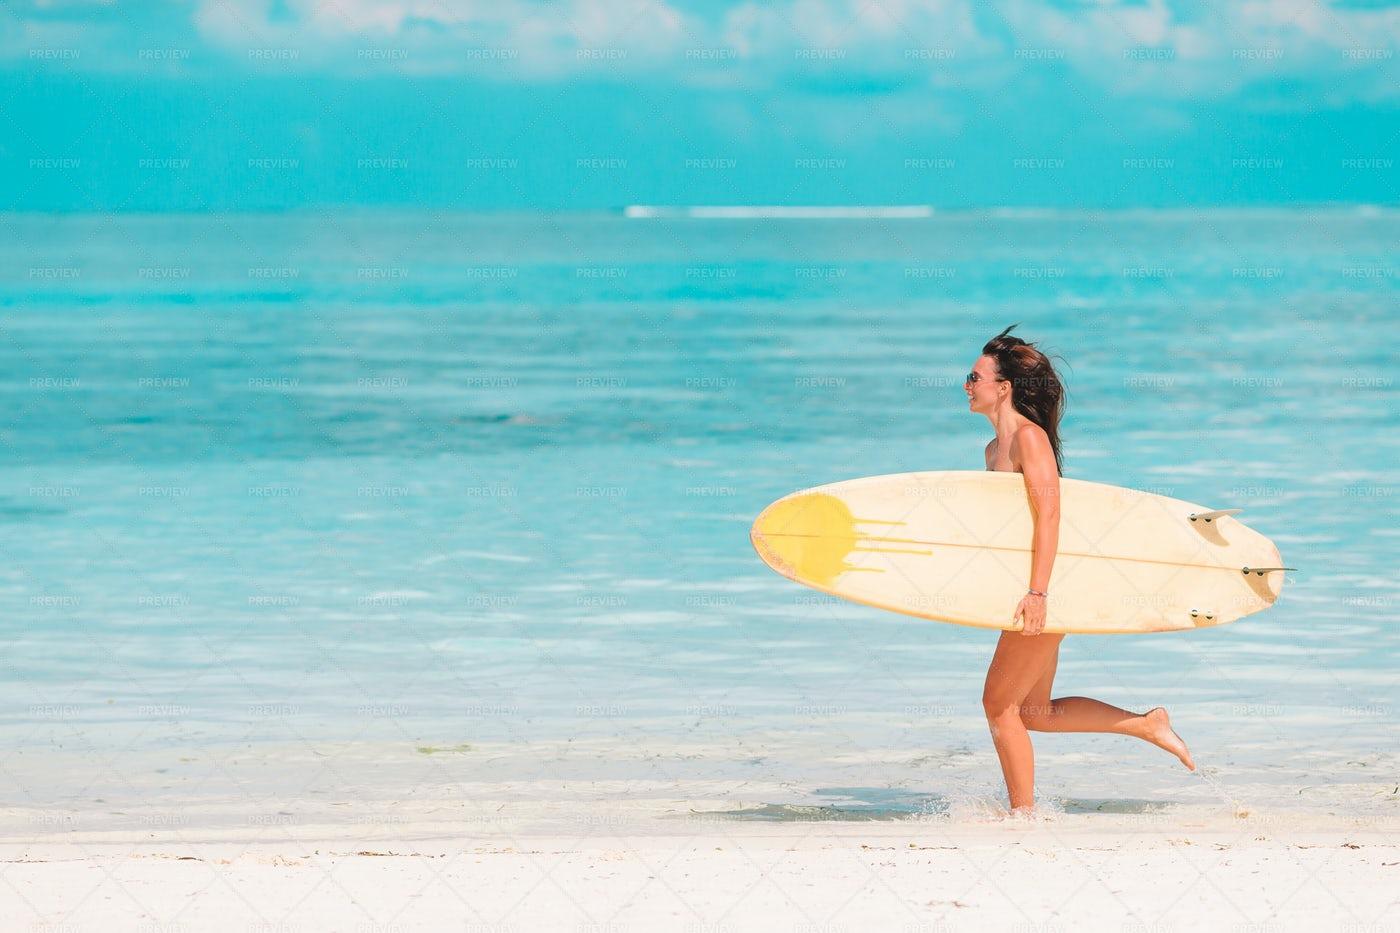 Running Surfer: Stock Photos